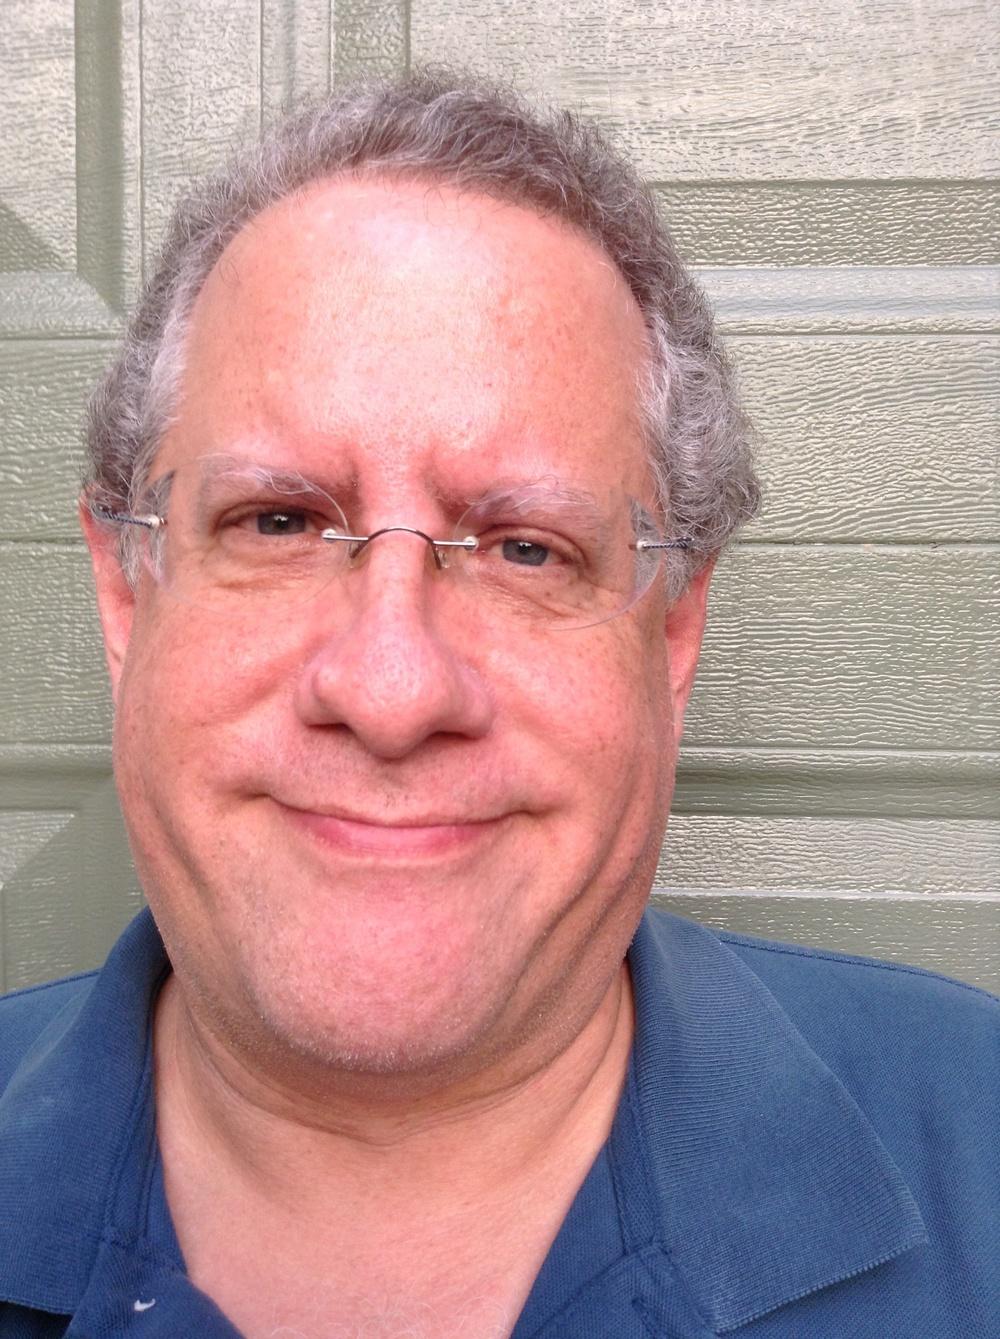 David Fischler